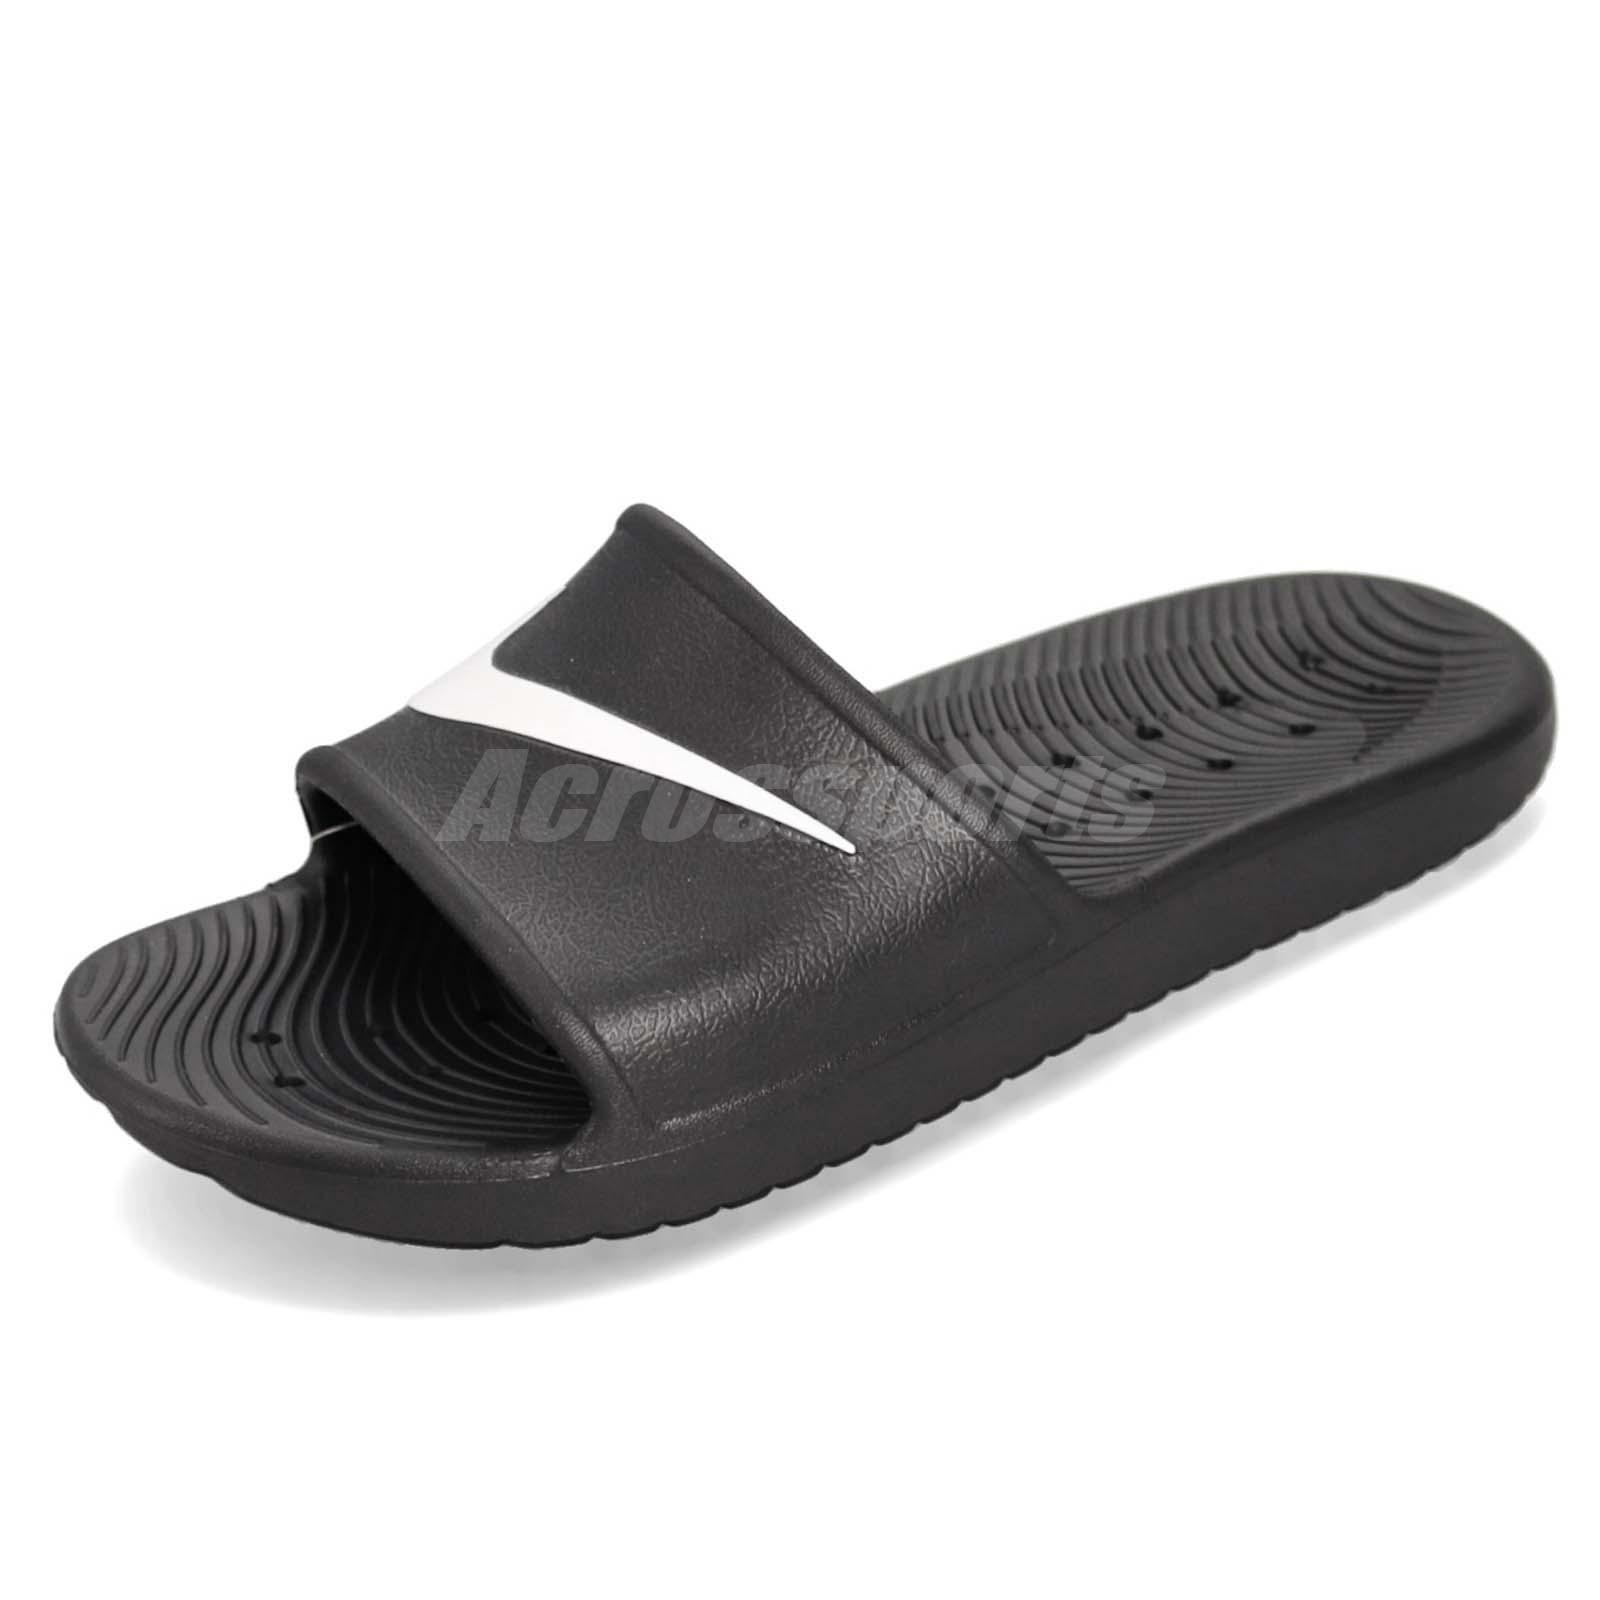 8a8c85d49e18 Nike Kawa Shower Black White Men Sports Sandals Slides Slippers 832528-001